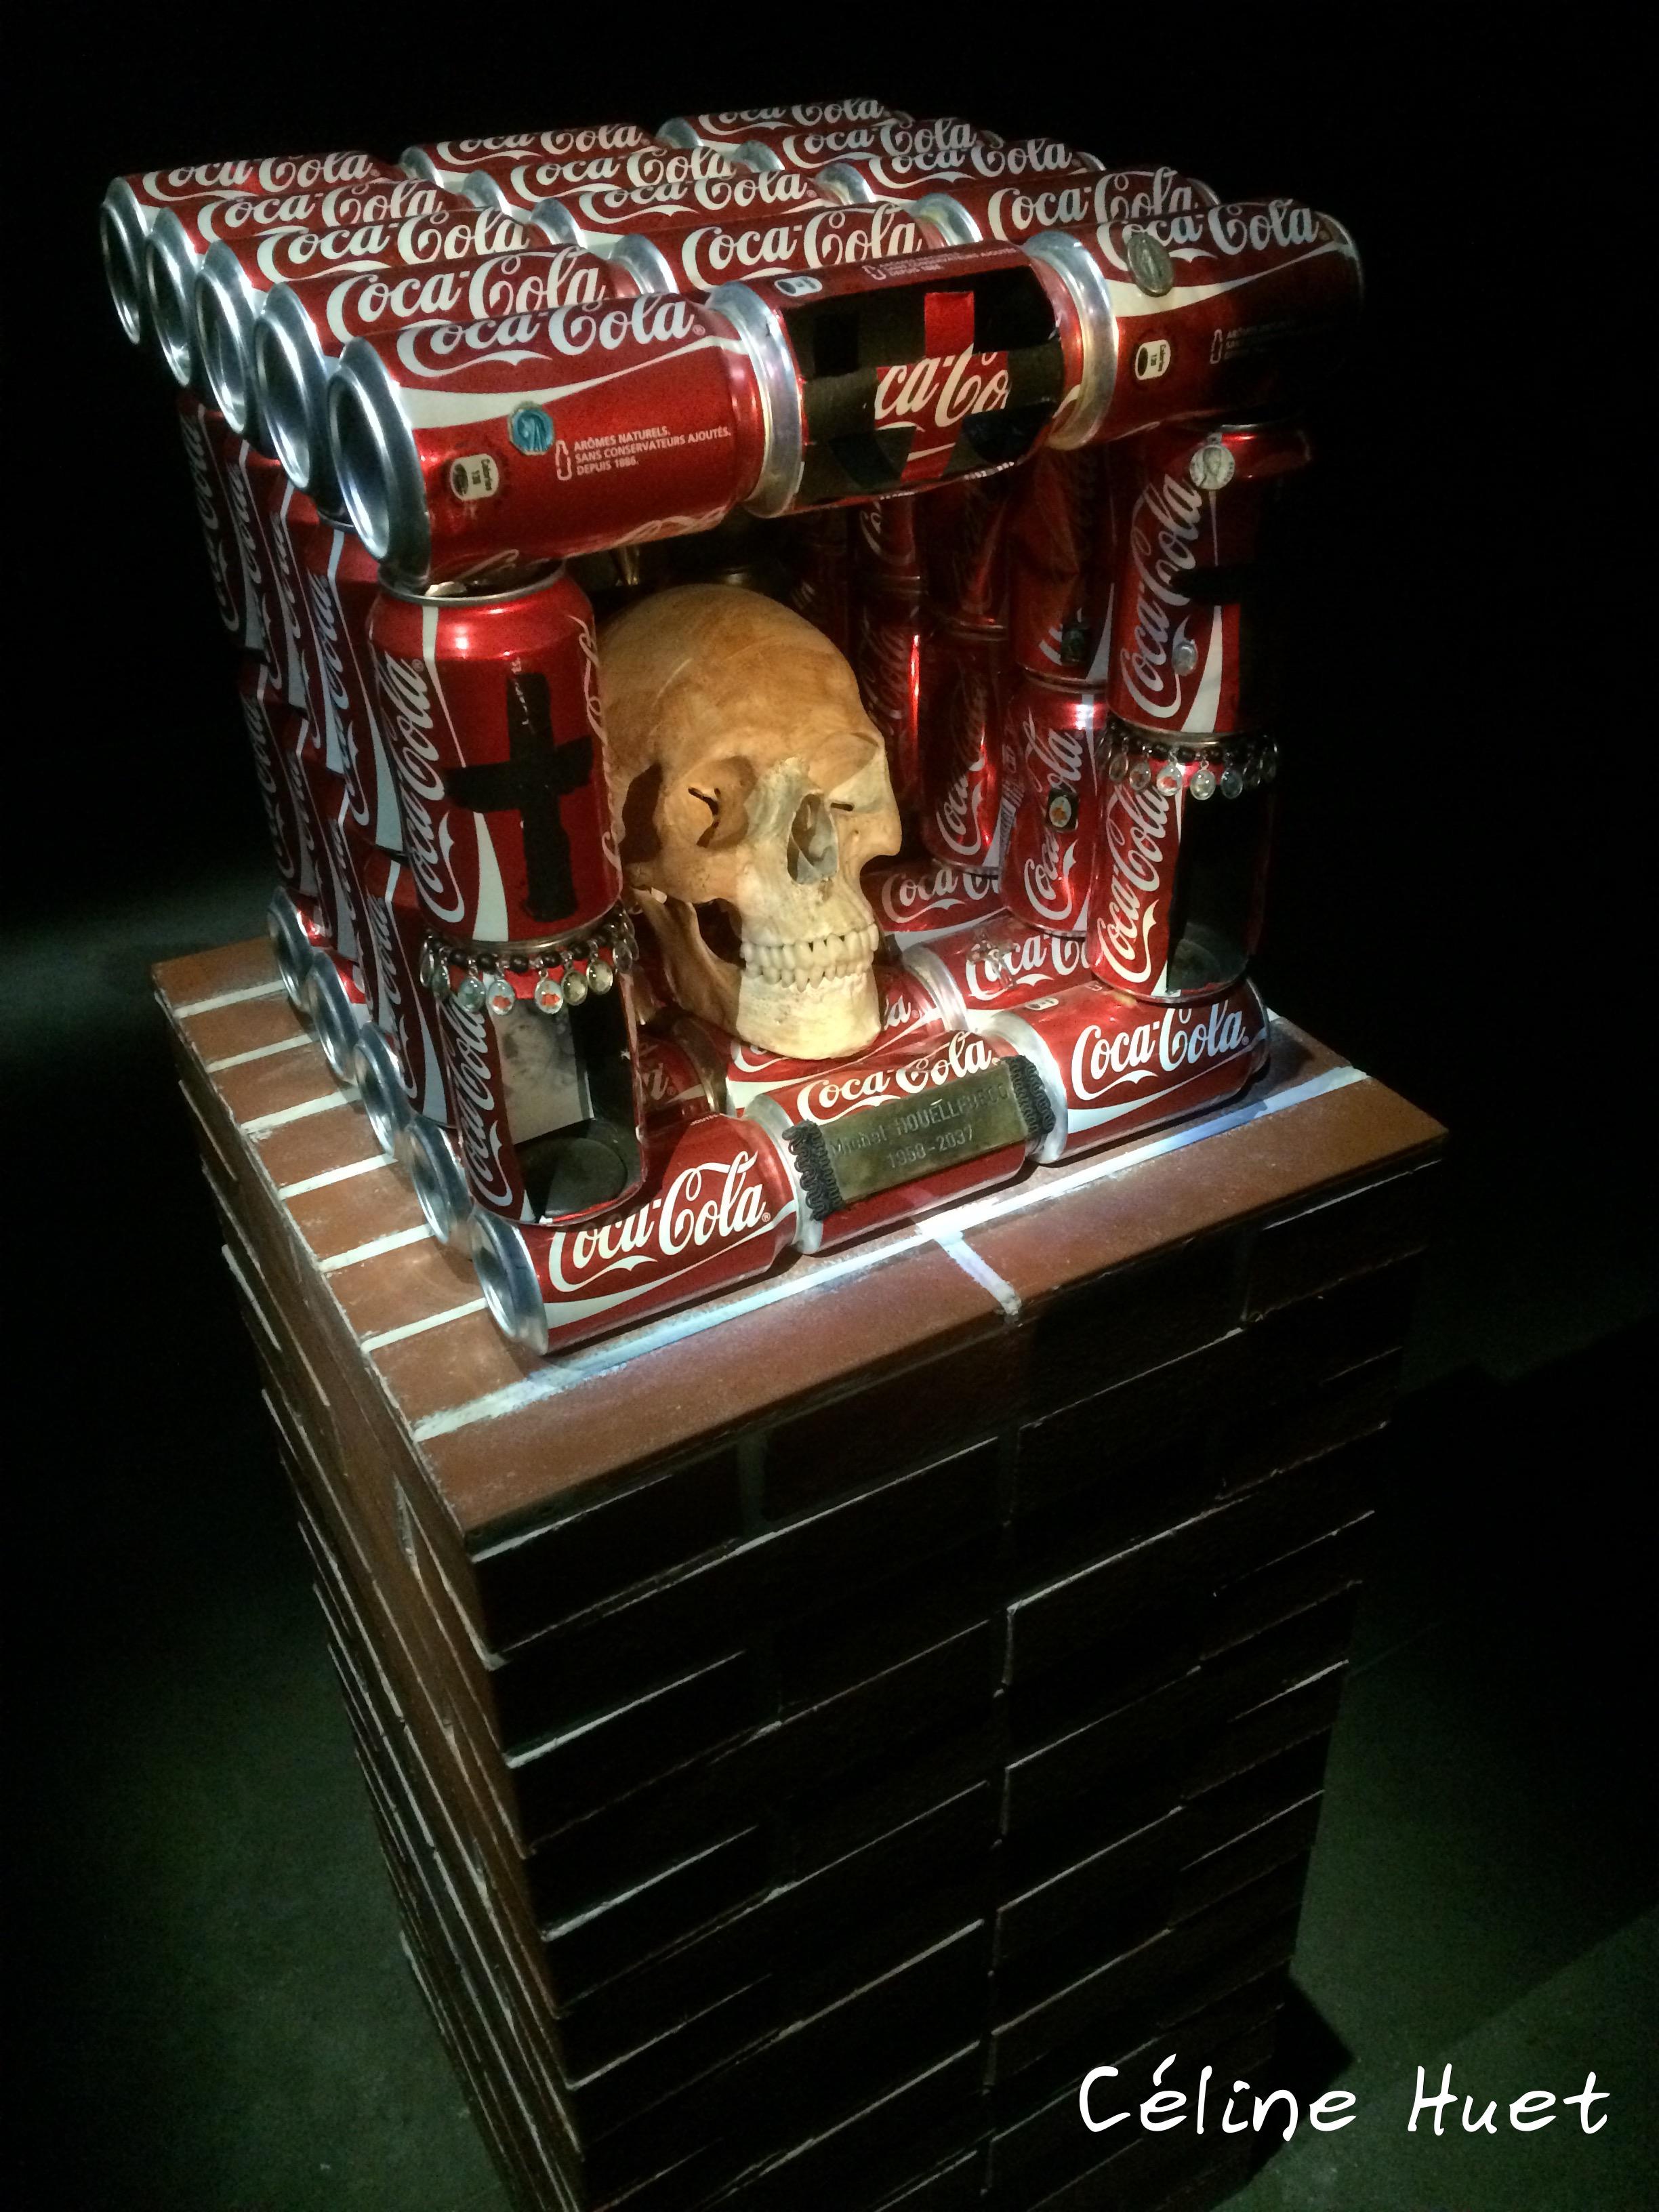 Exposition Rester vivant Michel Houellebecq Palais de Tokyo Paris